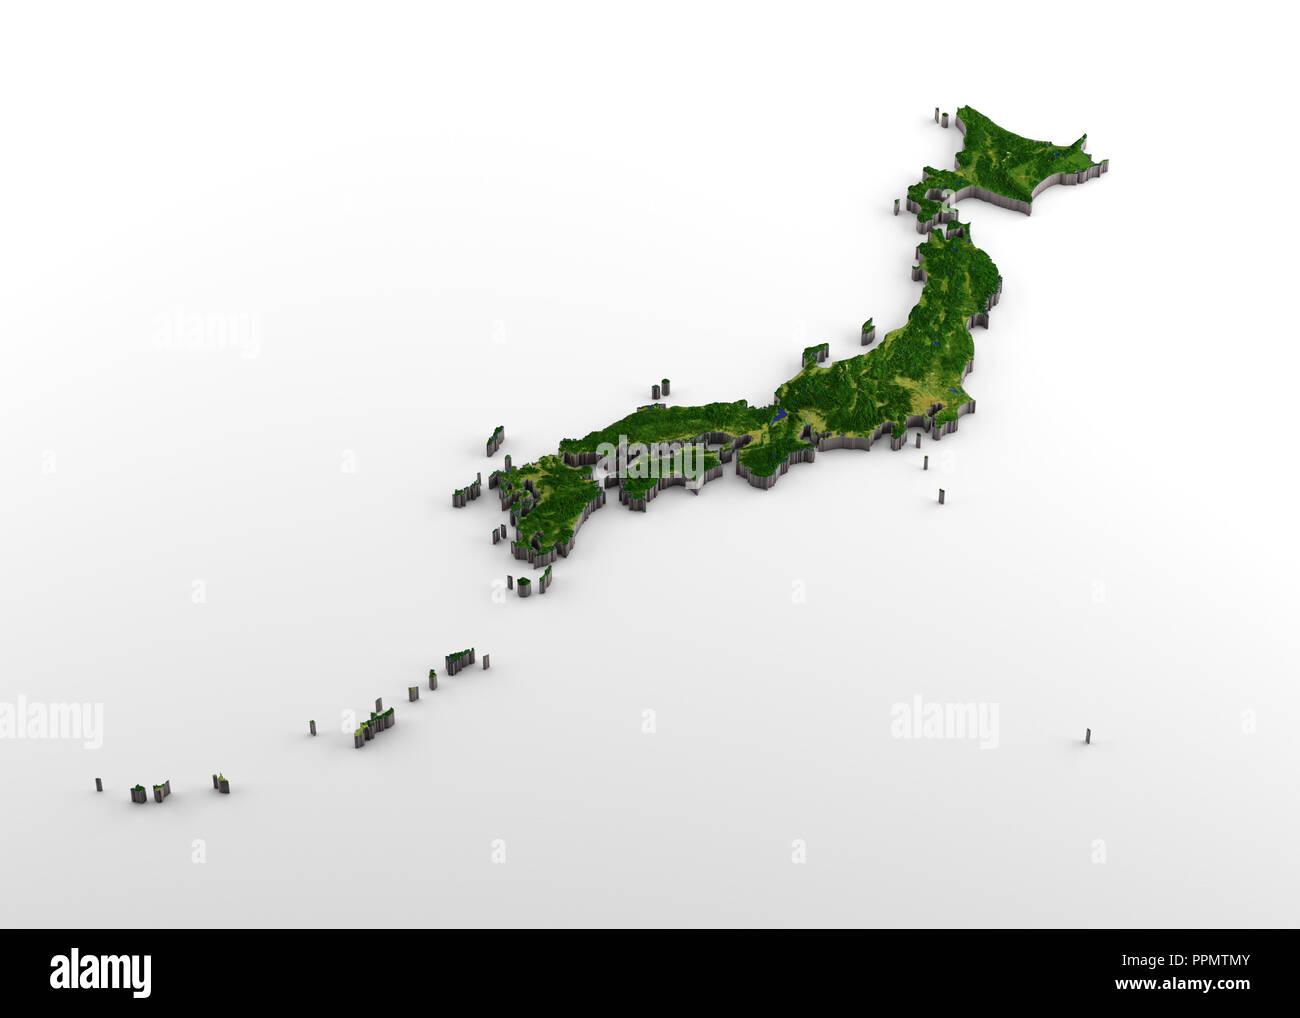 Japan Karte Physisch.Japan Physische 3d Karte Mit Relief Stockfoto Bild